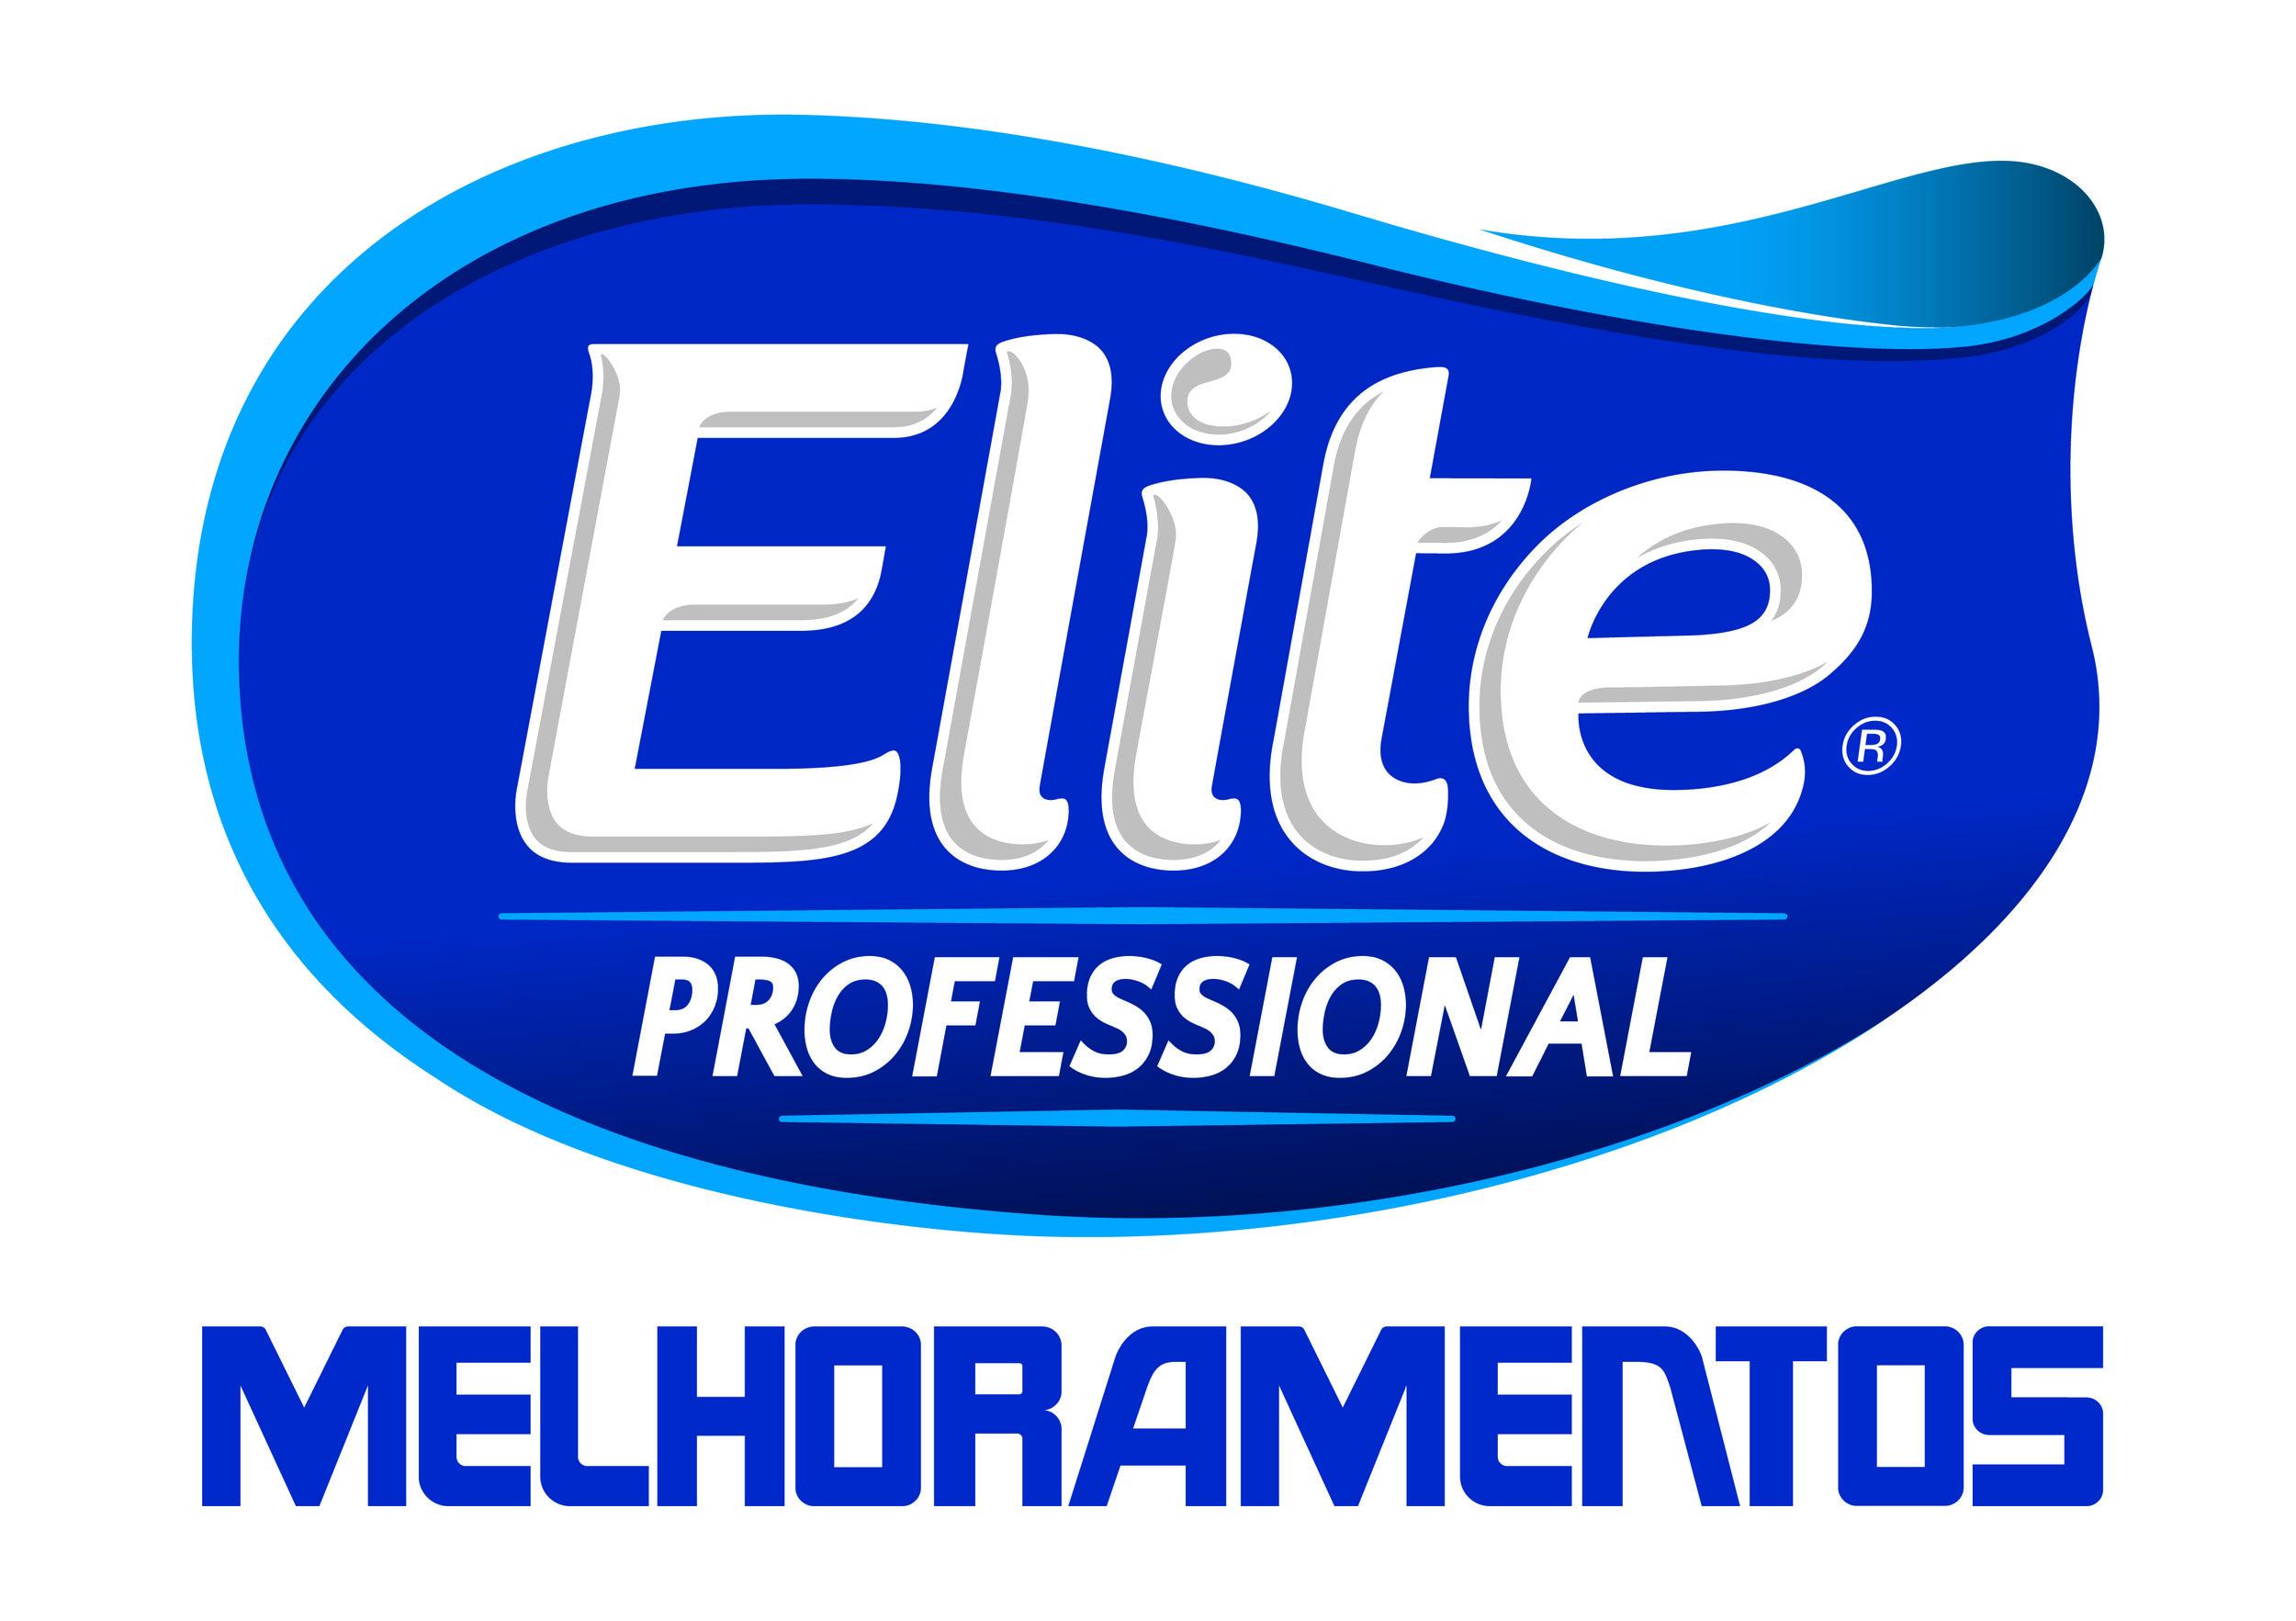 Marca Melhoramentos Elite Professional.jpg